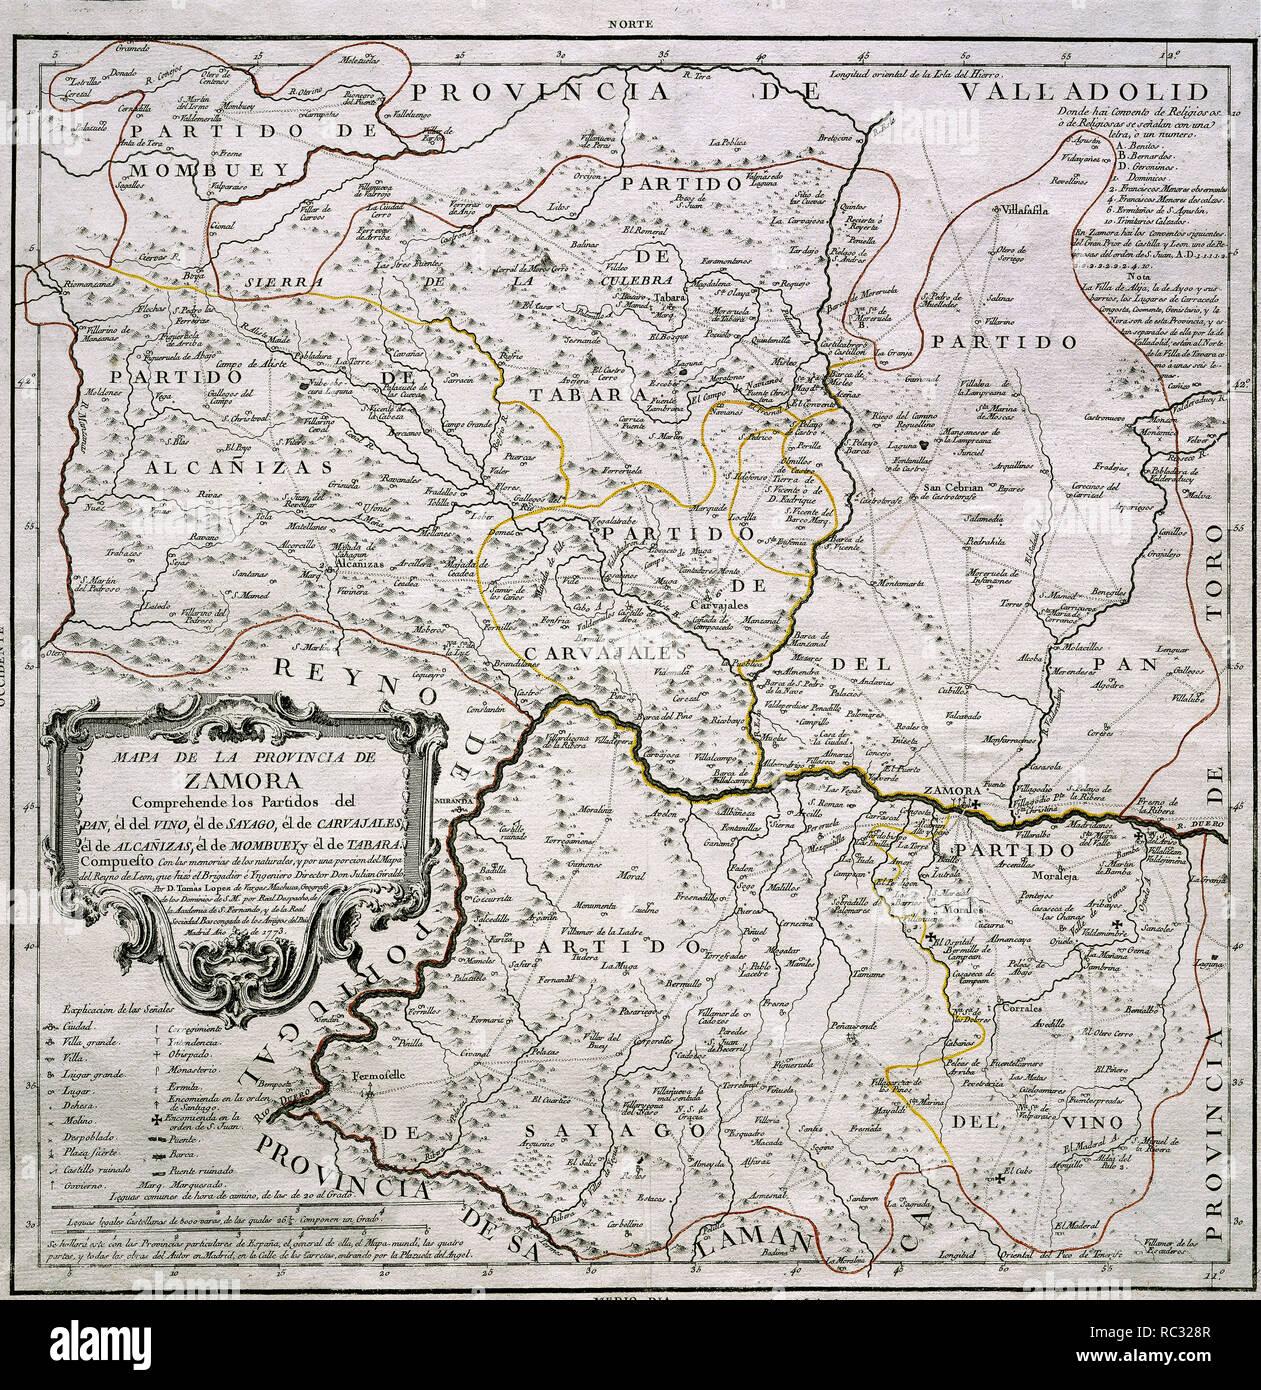 Mapa De Zamora Provincia.Mapa De La Provincia De Zamora 1773 Author Lopez Tomas